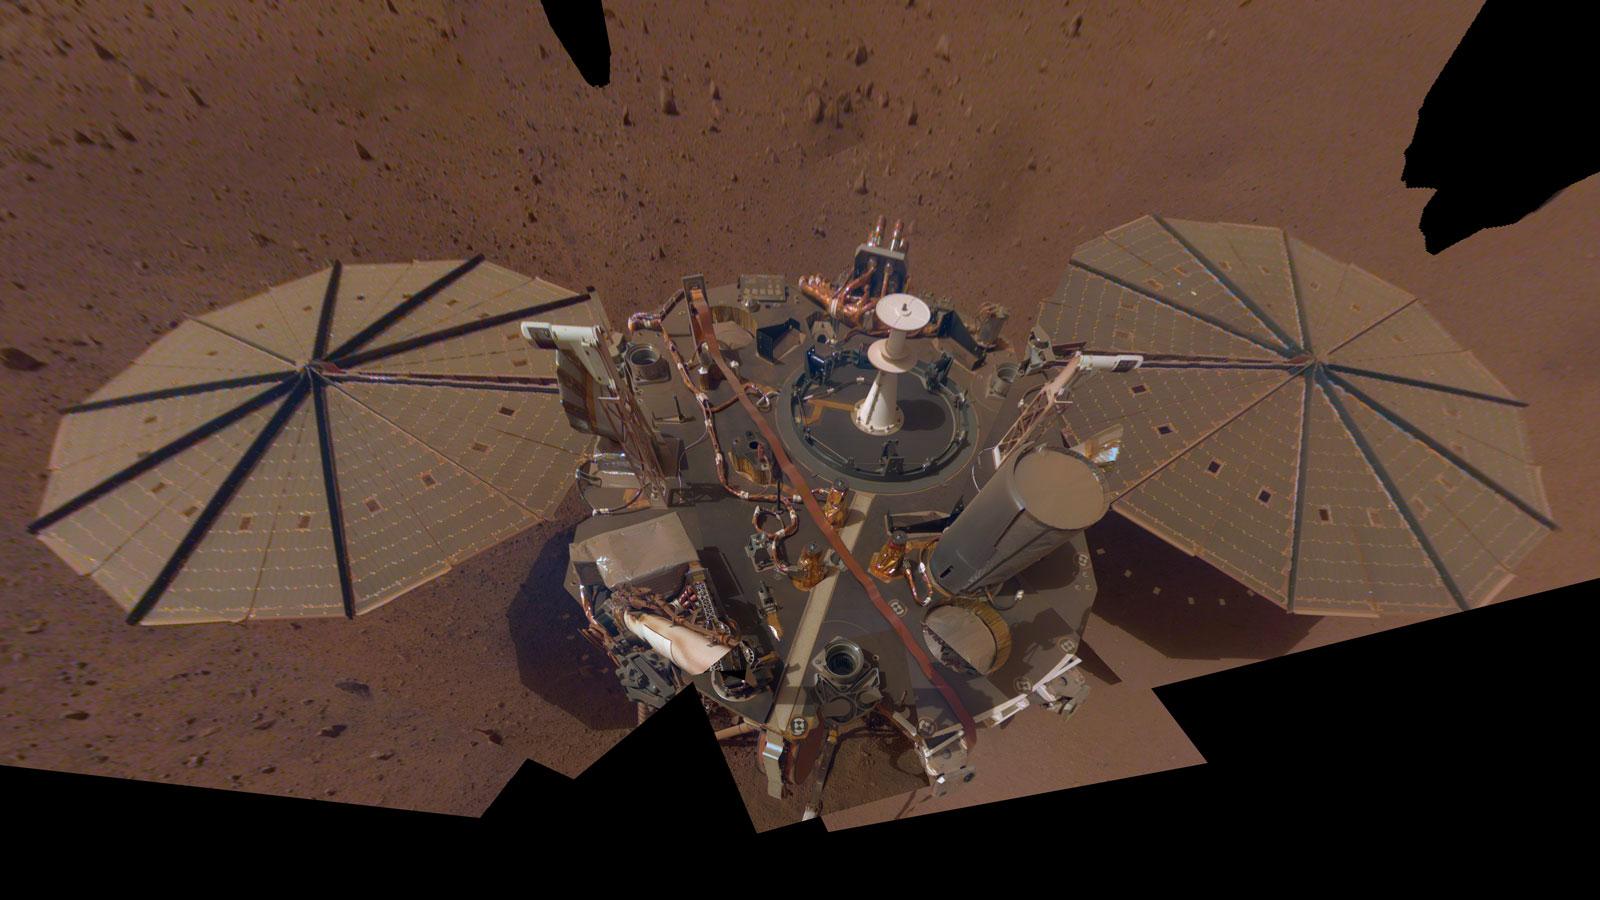 Σεισμός μιάμισης ώρας και 4,2 Ρίχτερ στον Άρη – Όσα κατέγραψε το Insight της NASA